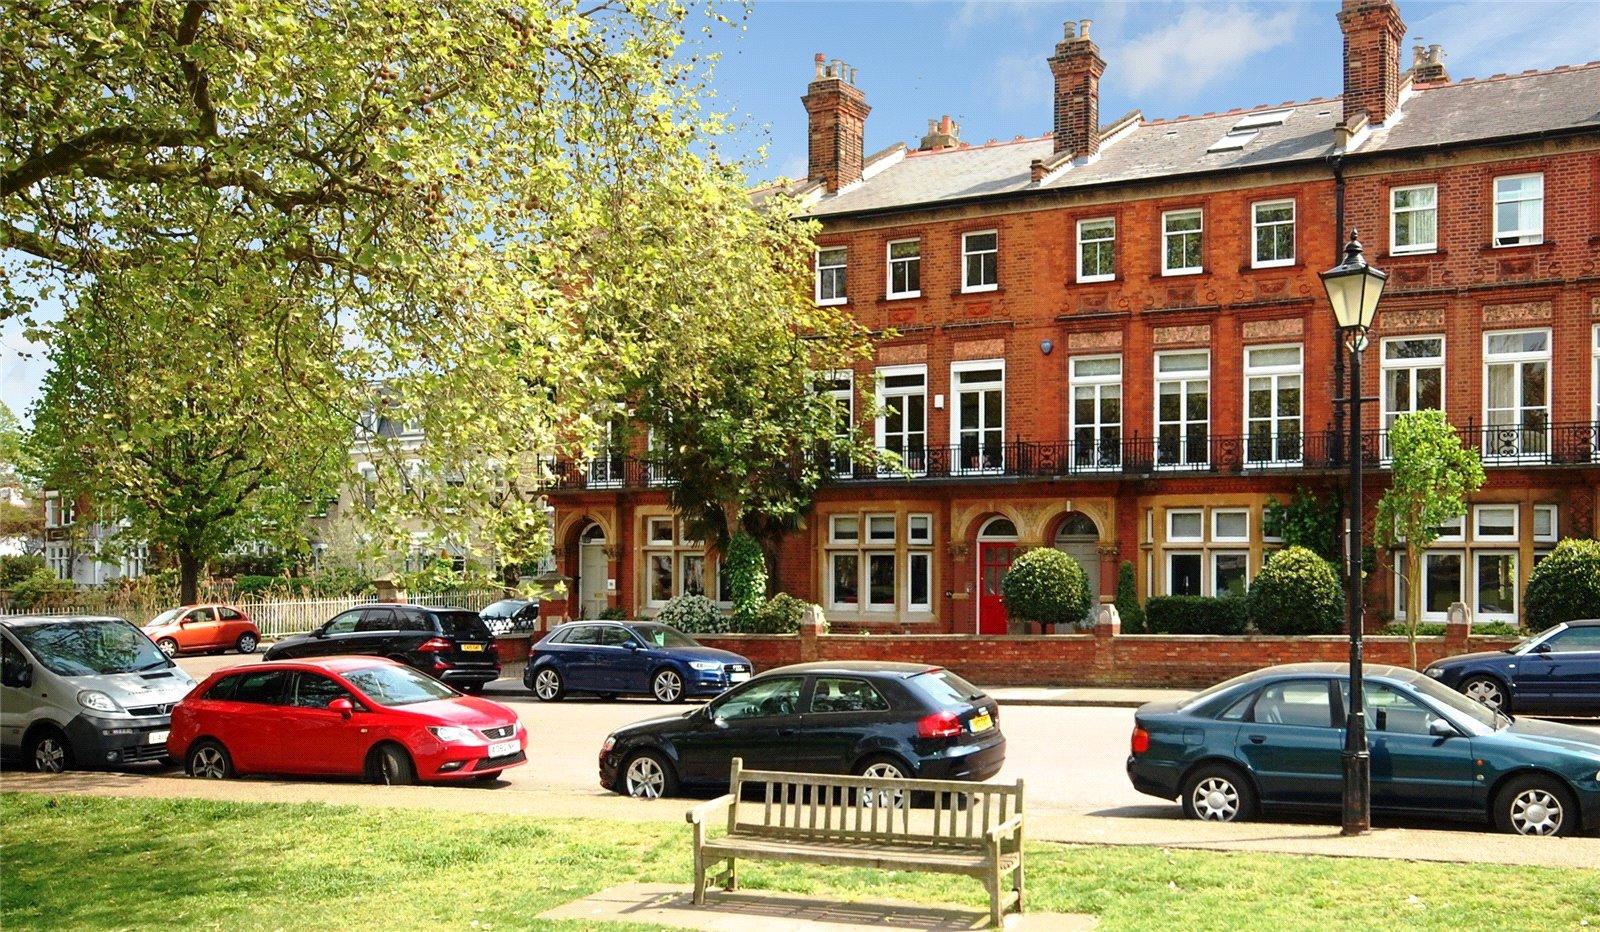 Kew Green, Kew, TW9 3BH - Antony Roberts